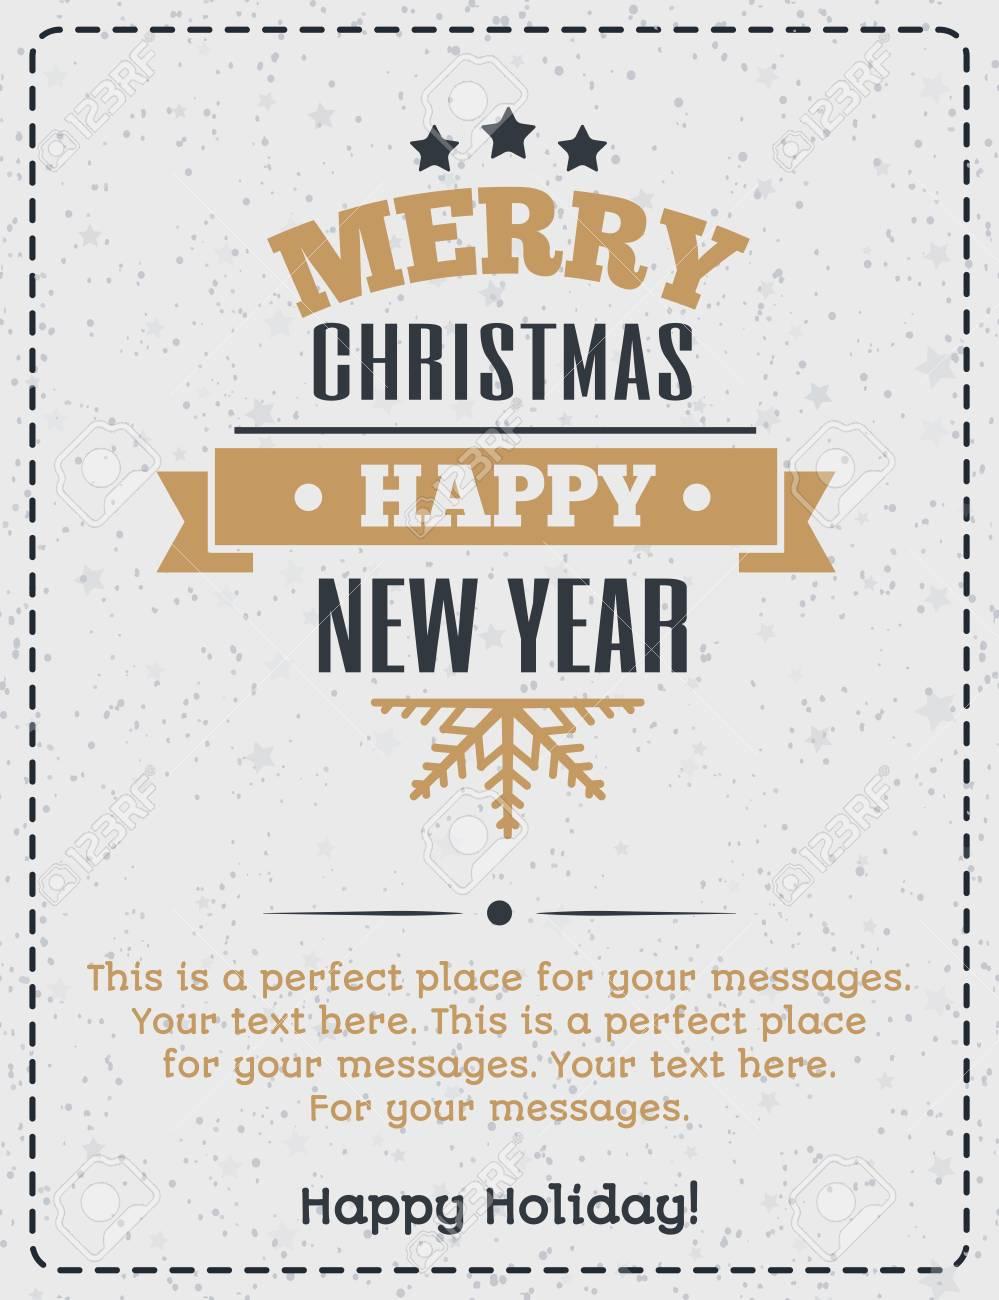 Weihnachtsgrußkarte Goldfarbe Stil Mit Vintage-Weihnachten Label Und ...